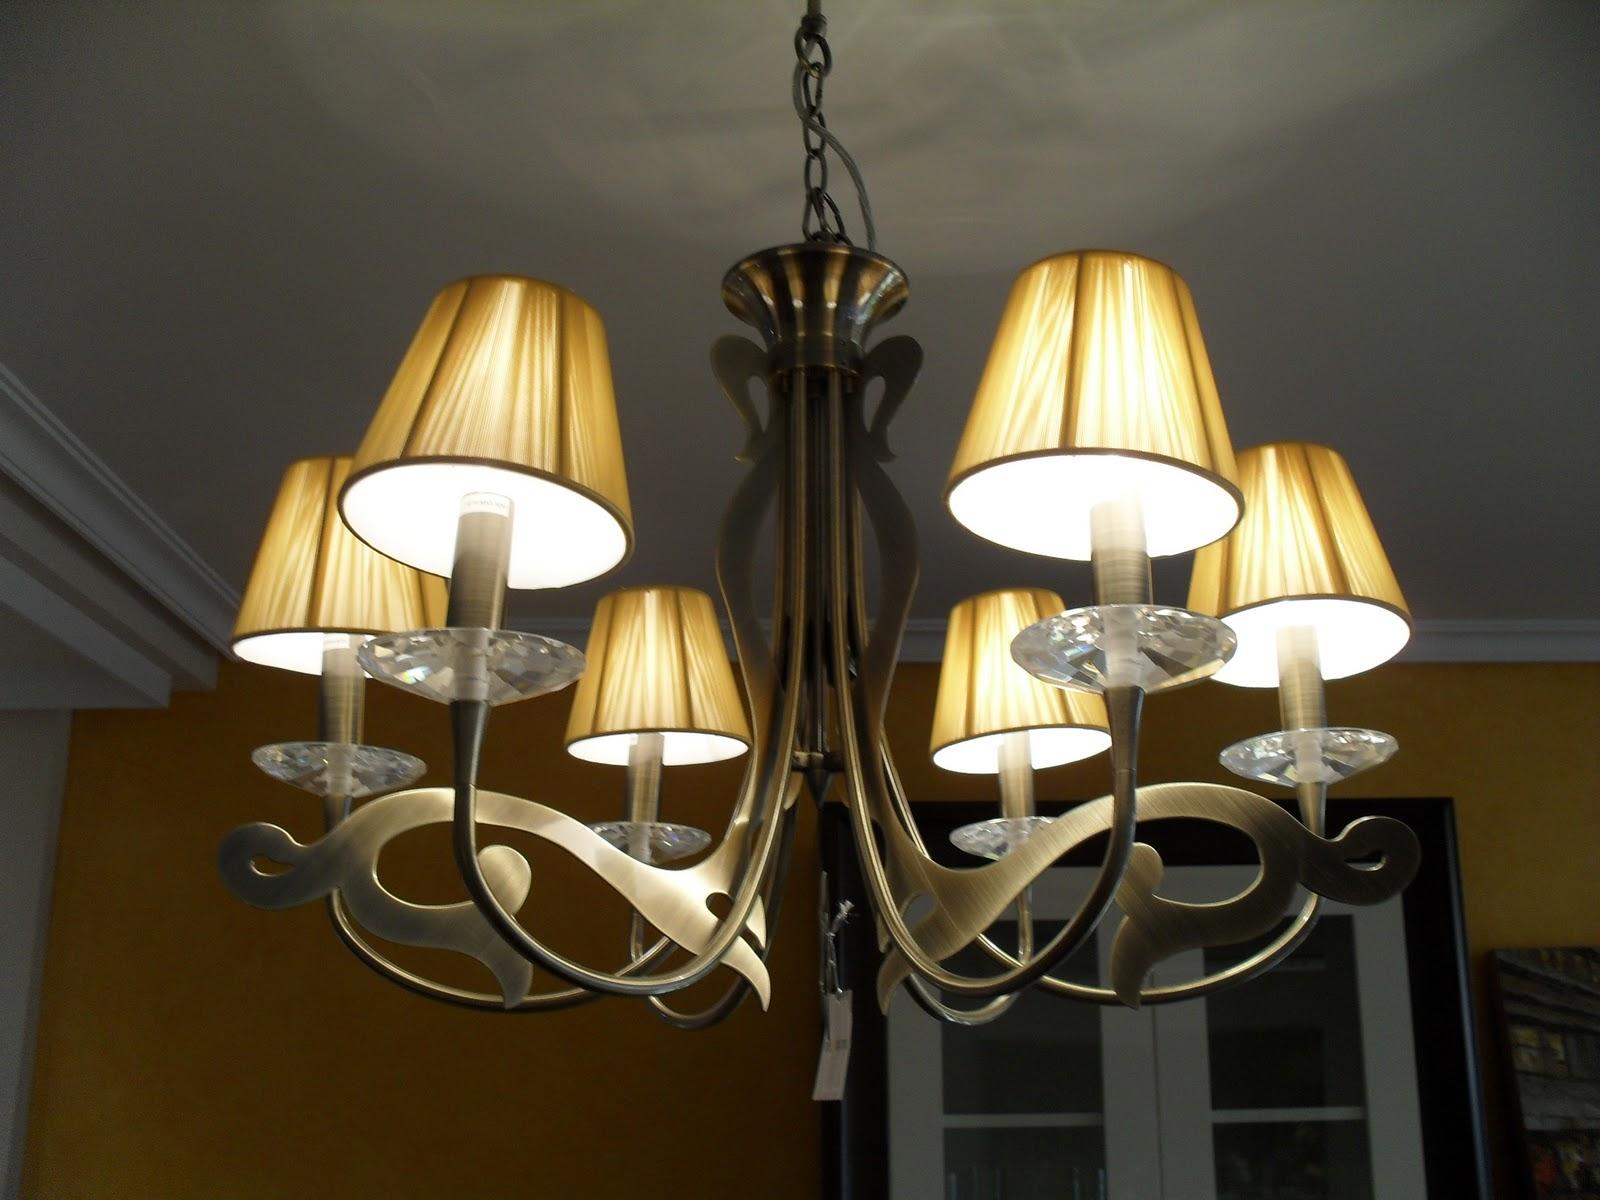 Muebles vilu iluminacion y decoracion - Decoracion iluminacion ...